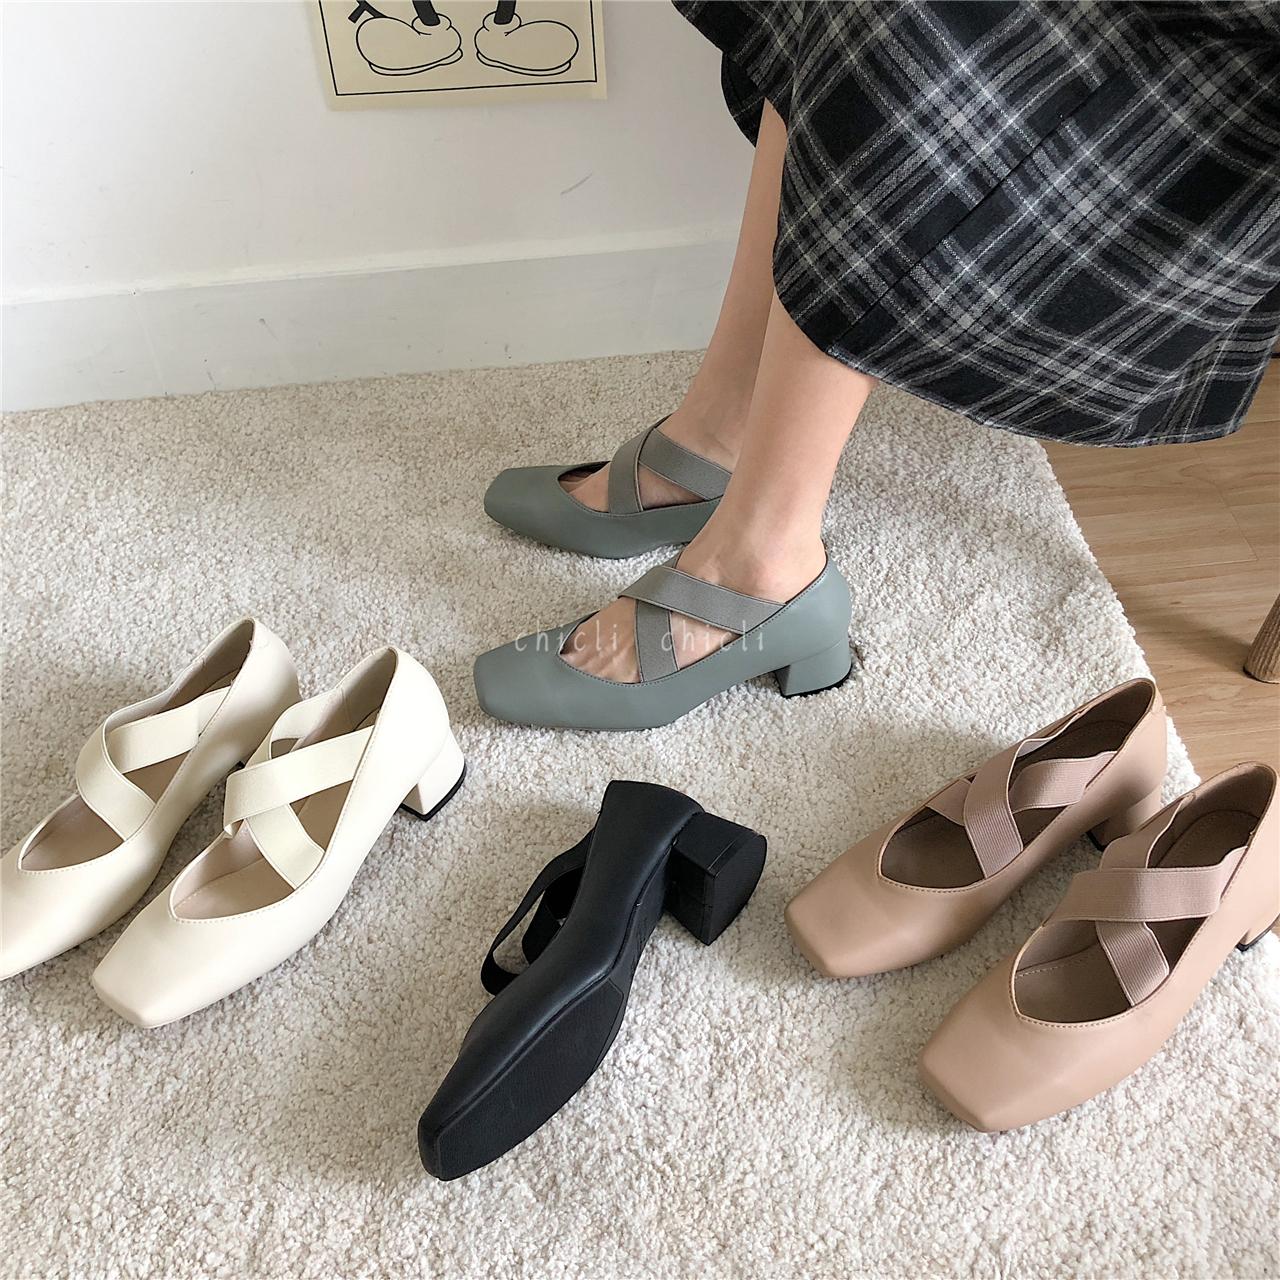 chicli 韩国森女系芭蕾舞鞋绑带单鞋女平底浅口方头复古玛丽珍鞋